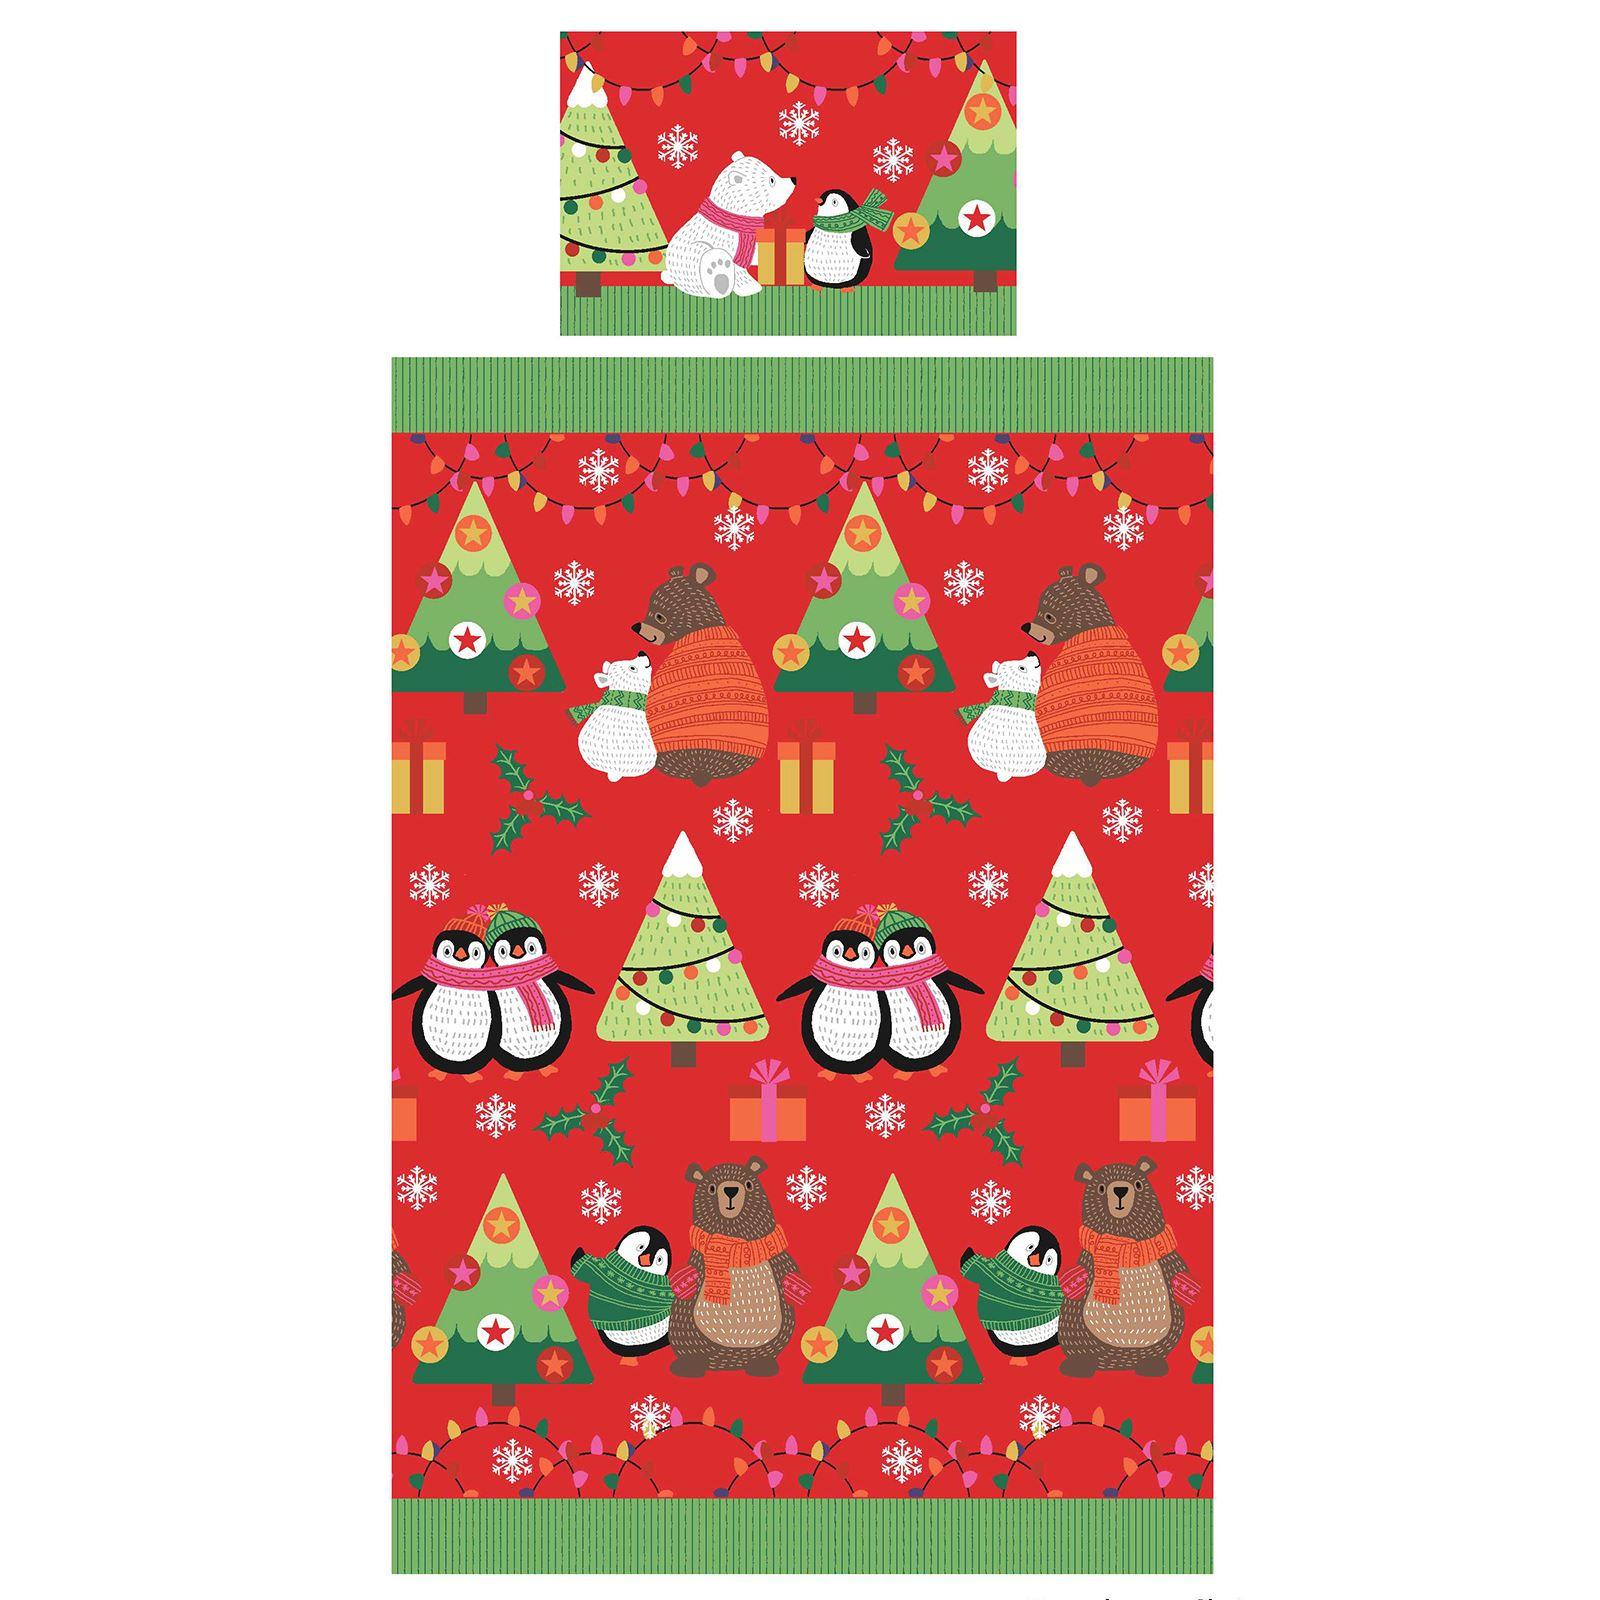 Indexbild 104 - Kinder Weihnachten Bettbezug Sets - Junior Einzel Doppel King - Elf Emoji Grinch